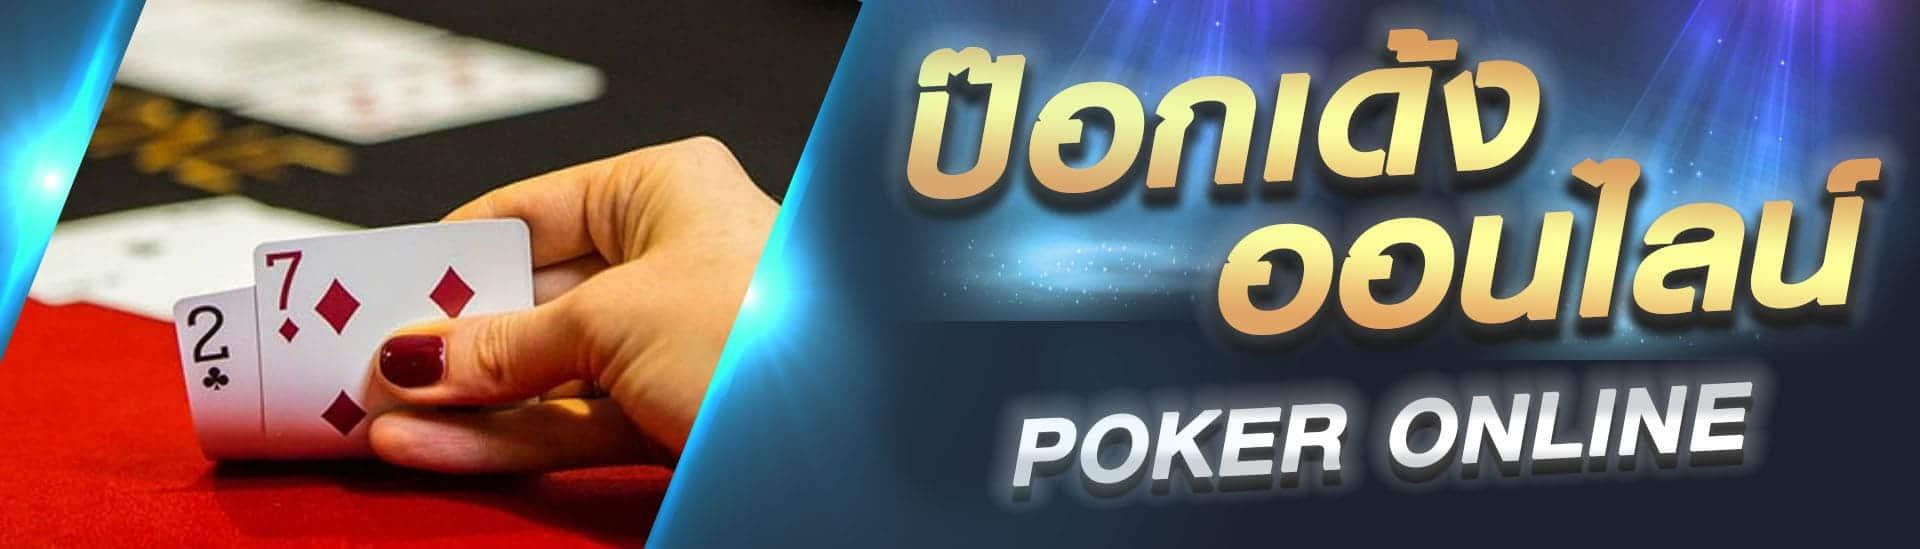 ป๊อกเด้งออนไลน์-ป๊อกเด้ง-pokeronline-poker